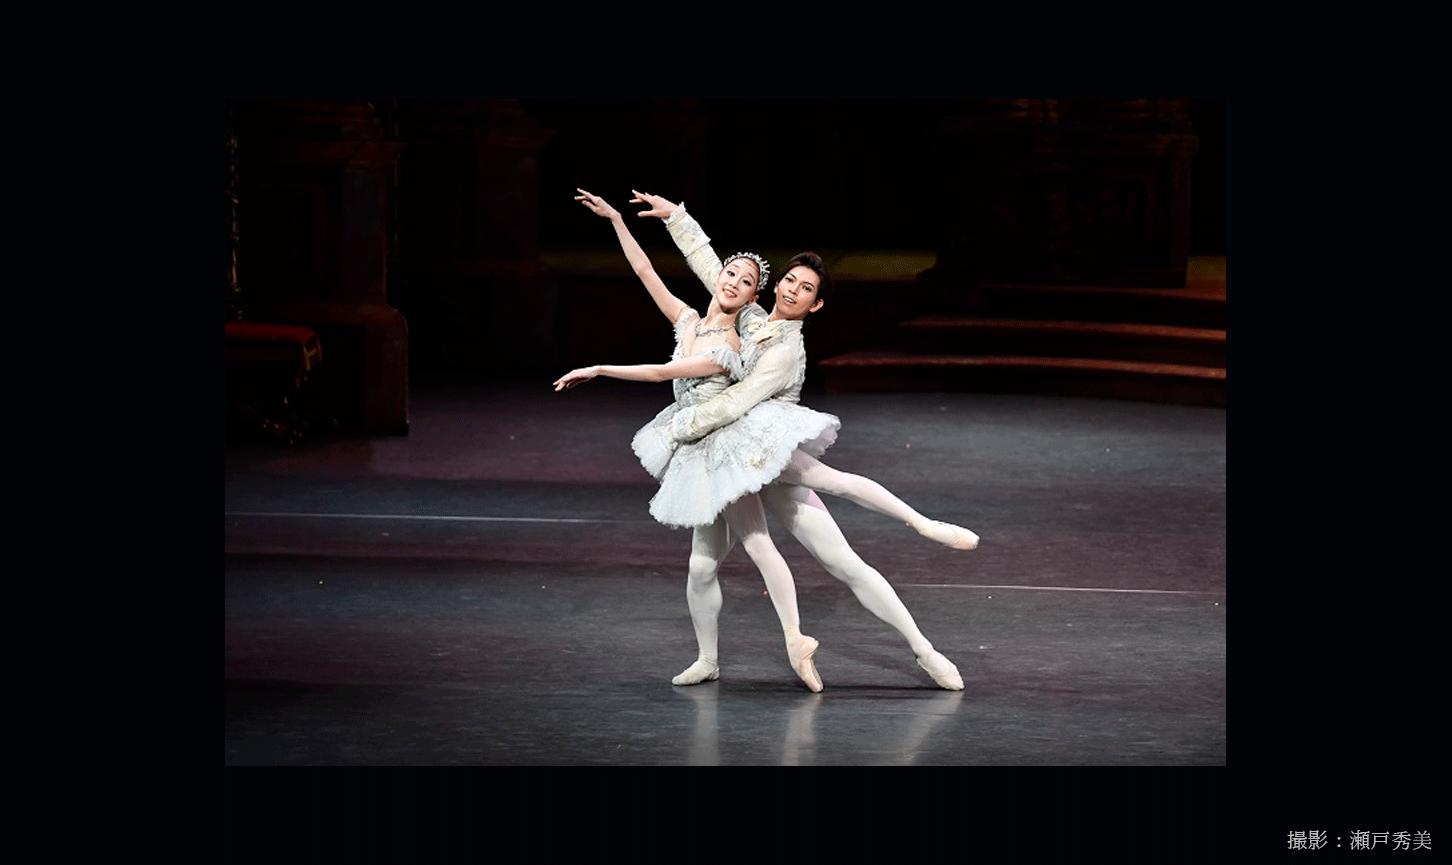 「ダンサーは緊張しなくなったら終わり」主役のプレッシャーを乗り越え一期一会の舞台で生きるー井澤駿(後編) | The BORDERLESS [ザ・ボーダレス]